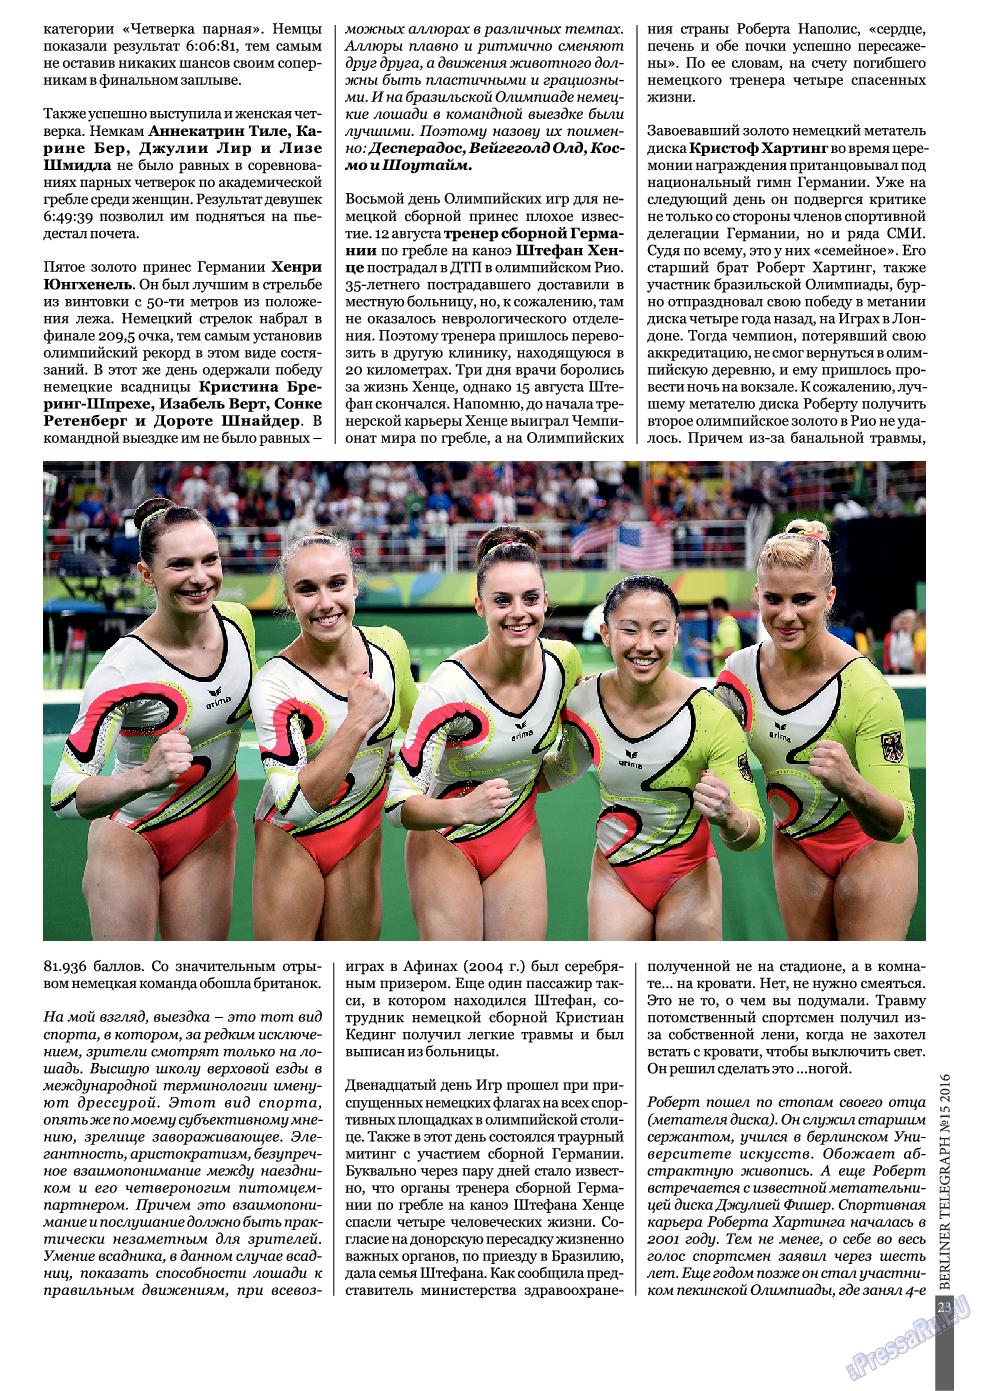 Берлинский телеграф (журнал). 2016 год, номер 15, стр. 23